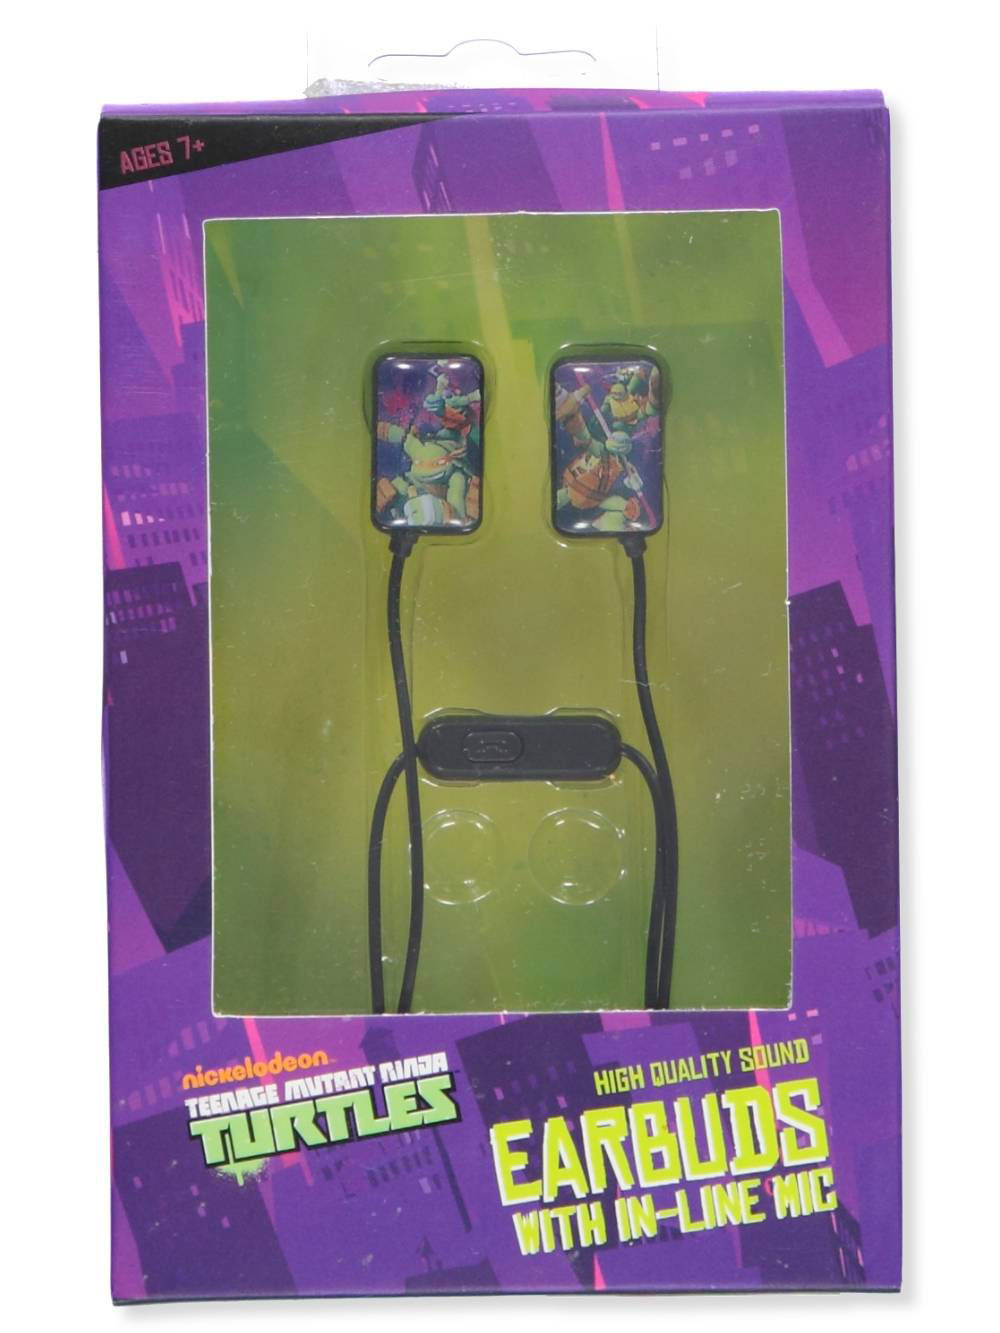 TMNT Earbuds by Teenage Mutant Ninja Turtles in Purple/multi